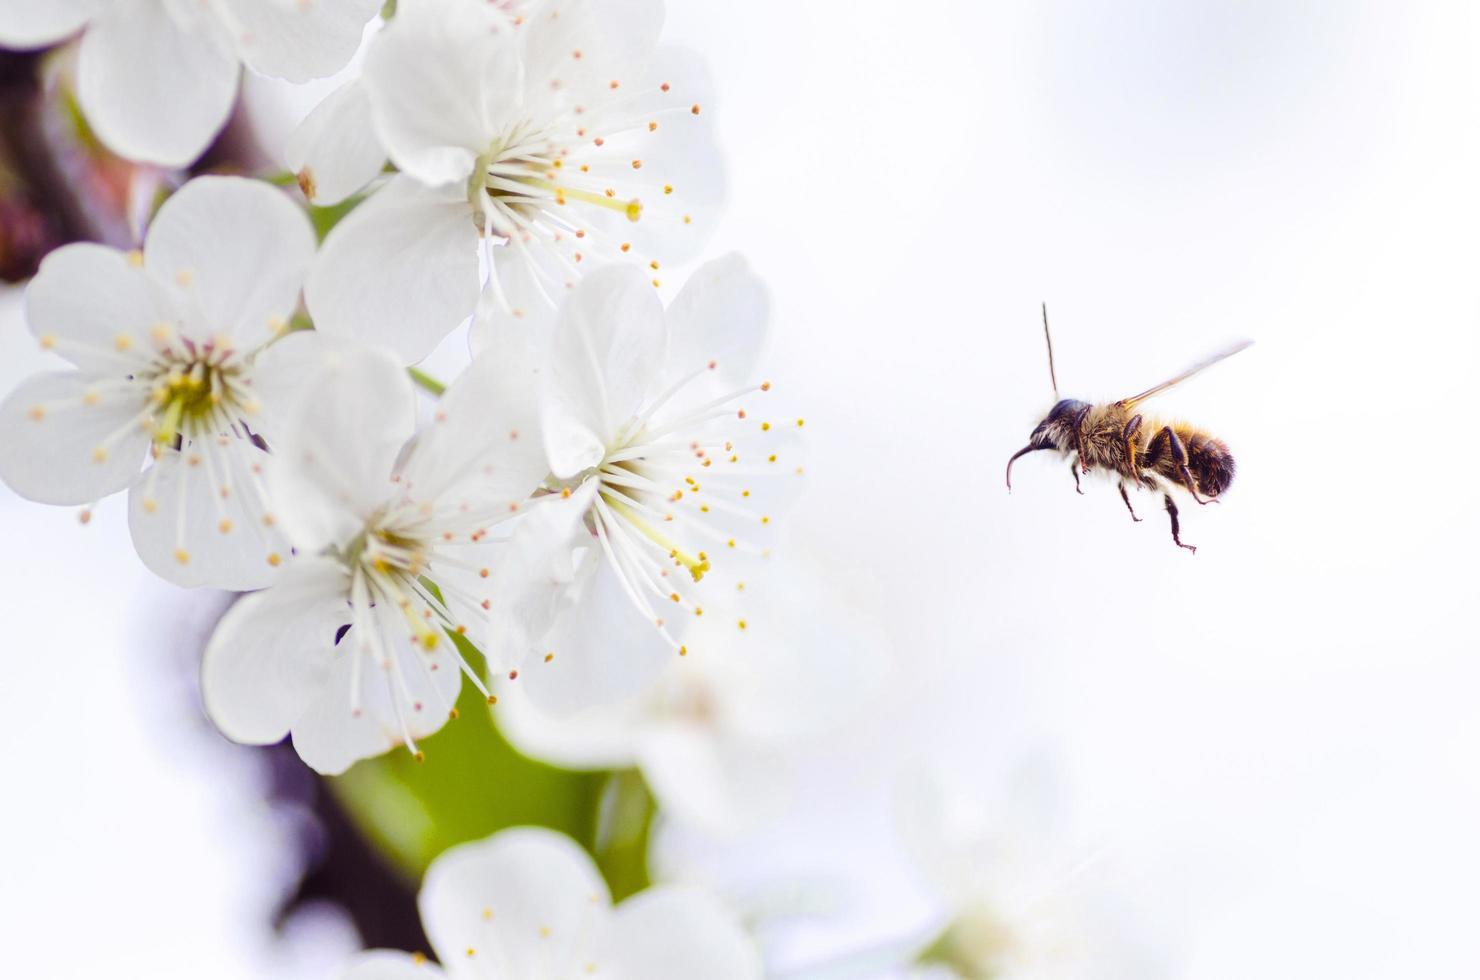 abeja volando hacia las flores foto